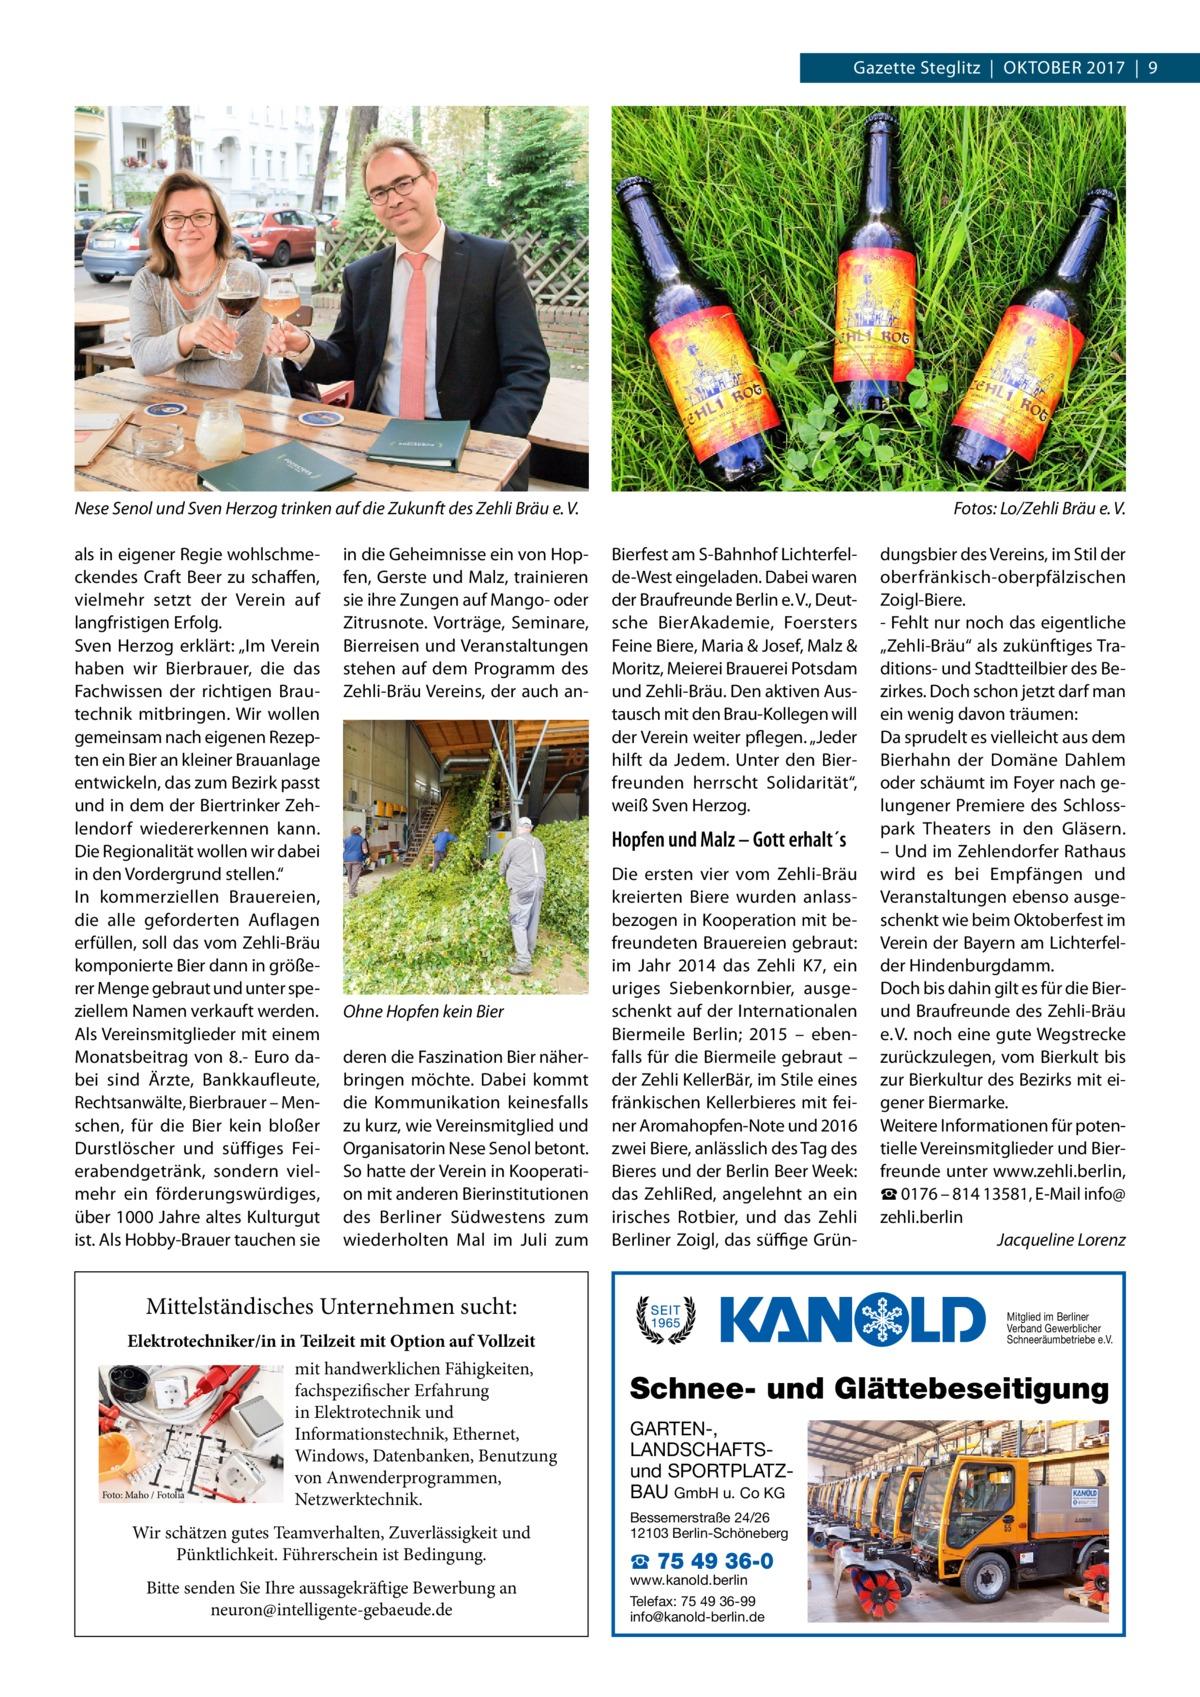 """Gazette Steglitz Oktober 2017 9  Nese Senol und Sven Herzog trinken auf die Zukunft des Zehli Bräu e.V.  �  als in eigener Regie wohlschmeckendes Craft Beer zu schaffen, vielmehr setzt der Verein auf langfristigen Erfolg. Sven Herzog erklärt: """"Im Verein haben wir Bierbrauer, die das Fachwissen der richtigen Brautechnik mitbringen. Wir wollen gemeinsam nach eigenen Rezepten ein Bier an kleiner Brauanlage entwickeln, das zum Bezirk passt und in dem der Biertrinker Zehlendorf wiedererkennen kann. Die Regionalität wollen wir dabei in den Vordergrund stellen."""" In kommerziellen Brauereien, die alle geforderten Auflagen erfüllen, soll das vom Zehli-Bräu komponierte Bier dann in größerer Menge gebraut und unter speziellem Namen verkauft werden. Als Vereinsmitglieder mit einem Monatsbeitrag von 8.- Euro dabei sind Ärzte, Bankkaufleute, Rechtsanwälte, Bierbrauer – Menschen, für die Bier kein bloßer Durstlöscher und süffiges Feierabendgetränk, sondern vielmehr ein förderungswürdiges, über 1000Jahre altes Kulturgut ist. Als Hobby-Brauer tauchen sie  Bierfest am S-Bahnhof Lichterfelde-West eingeladen. Dabei waren der Braufreunde Berlin e.V., Deutsche BierAkademie, Foersters Feine Biere, Maria & Josef, Malz & Moritz, Meierei Brauerei Potsdam und Zehli-Bräu. Den aktiven Austausch mit den Brau-Kollegen will der Verein weiter pflegen. """"Jeder hilft da Jedem. Unter den Bierfreunden herrscht Solidarität"""", weiß Sven Herzog.  in die Geheimnisse ein von Hopfen, Gerste und Malz, trainieren sie ihre Zungen auf Mango- oder Zitrusnote. Vorträge, Seminare, Bierreisen und Veranstaltungen stehen auf dem Programm des Zehli-Bräu Vereins, der auch an Fotos: Lo/Zehli Bräu e.V.  Hopfen und Malz – Gott erhalt´s  Ohne Hopfen kein Bier deren die Faszination Bier näherbringen möchte. Dabei kommt die Kommunikation keinesfalls zu kurz, wie Vereinsmitglied und Organisatorin Nese Senol betont. So hatte der Verein in Kooperation mit anderen Bierinstitutionen des Berliner Südwestens zum wiederholten Mal im Jul"""